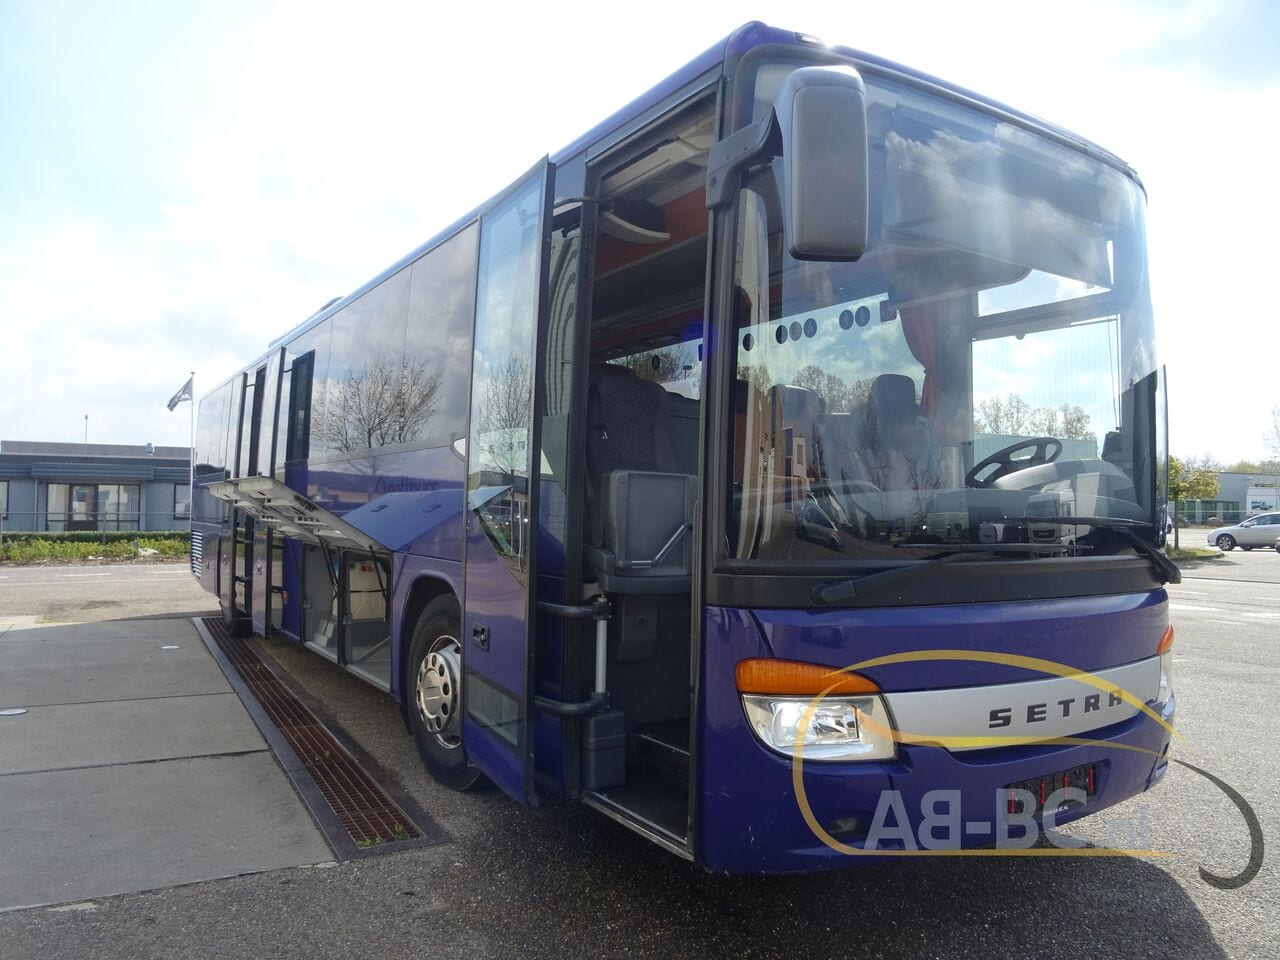 coach-busSETRA-S416H-48-SEATS-LIFTBUS---1620309568664629592_big_813a344deeeb170419e711a2edb339dc--21050616581387095000